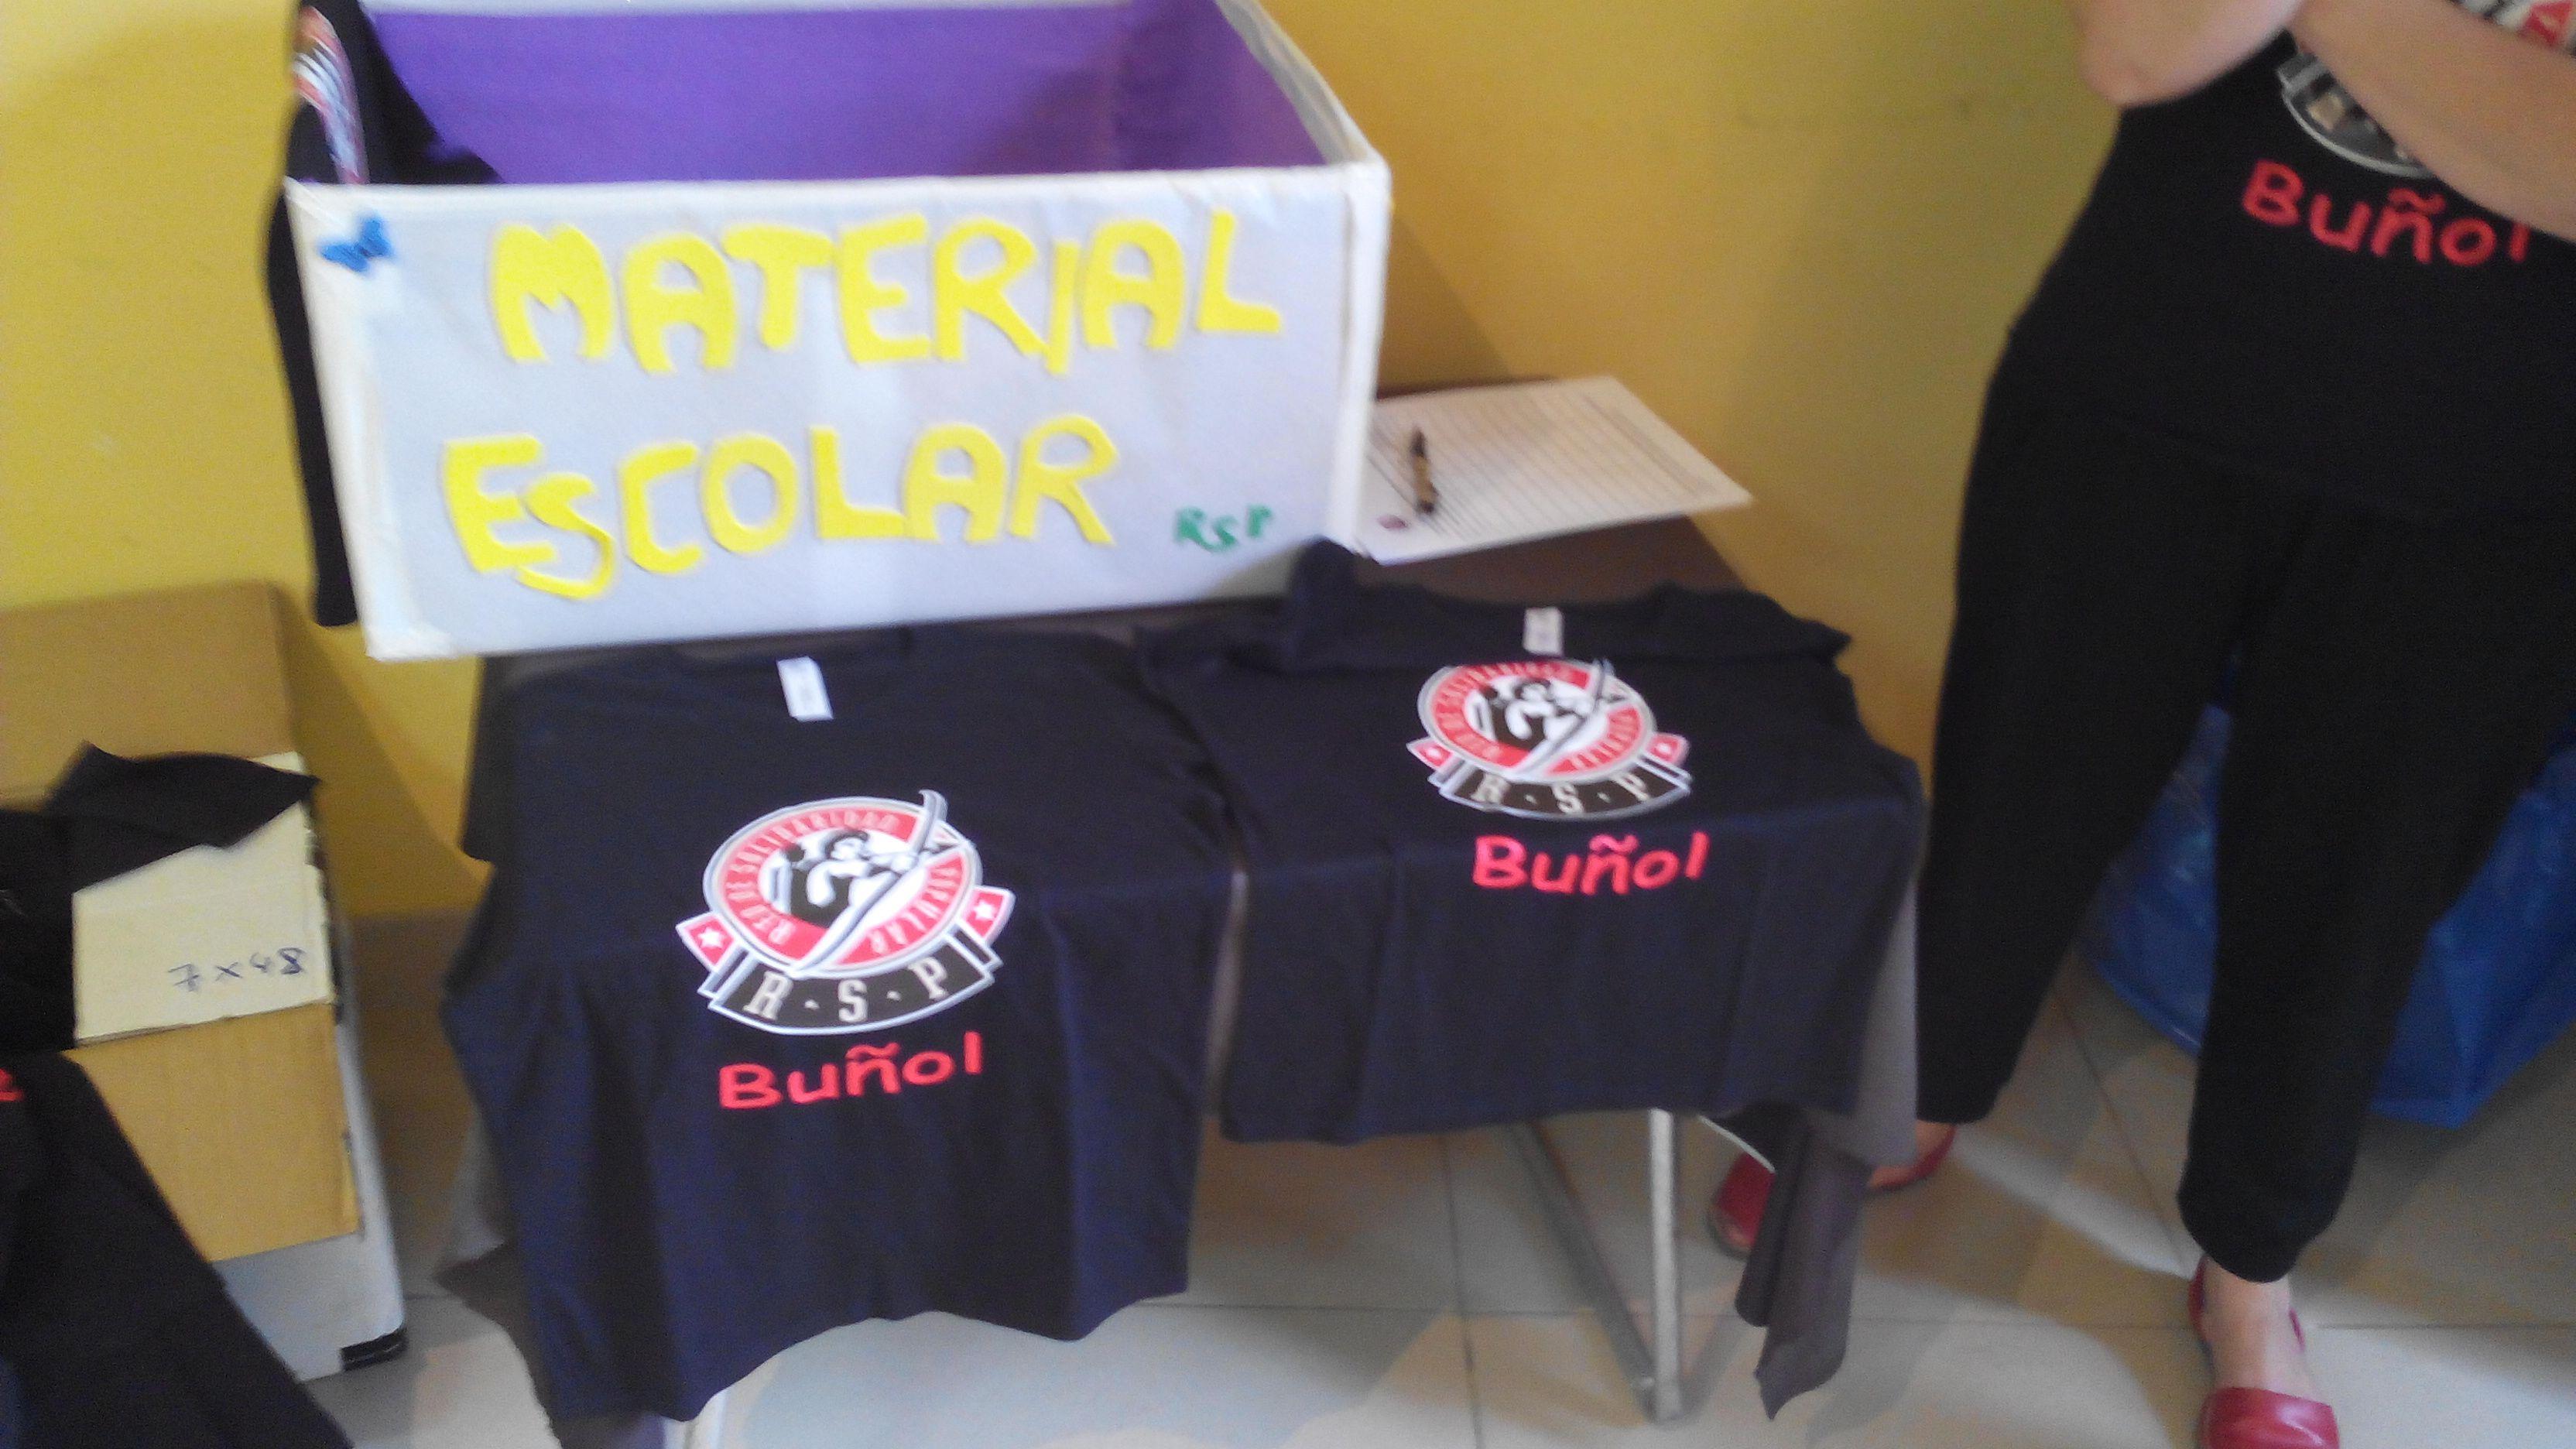 La Red de Solidaridad Popular de Buñol celebra este sábado su primer aniversario